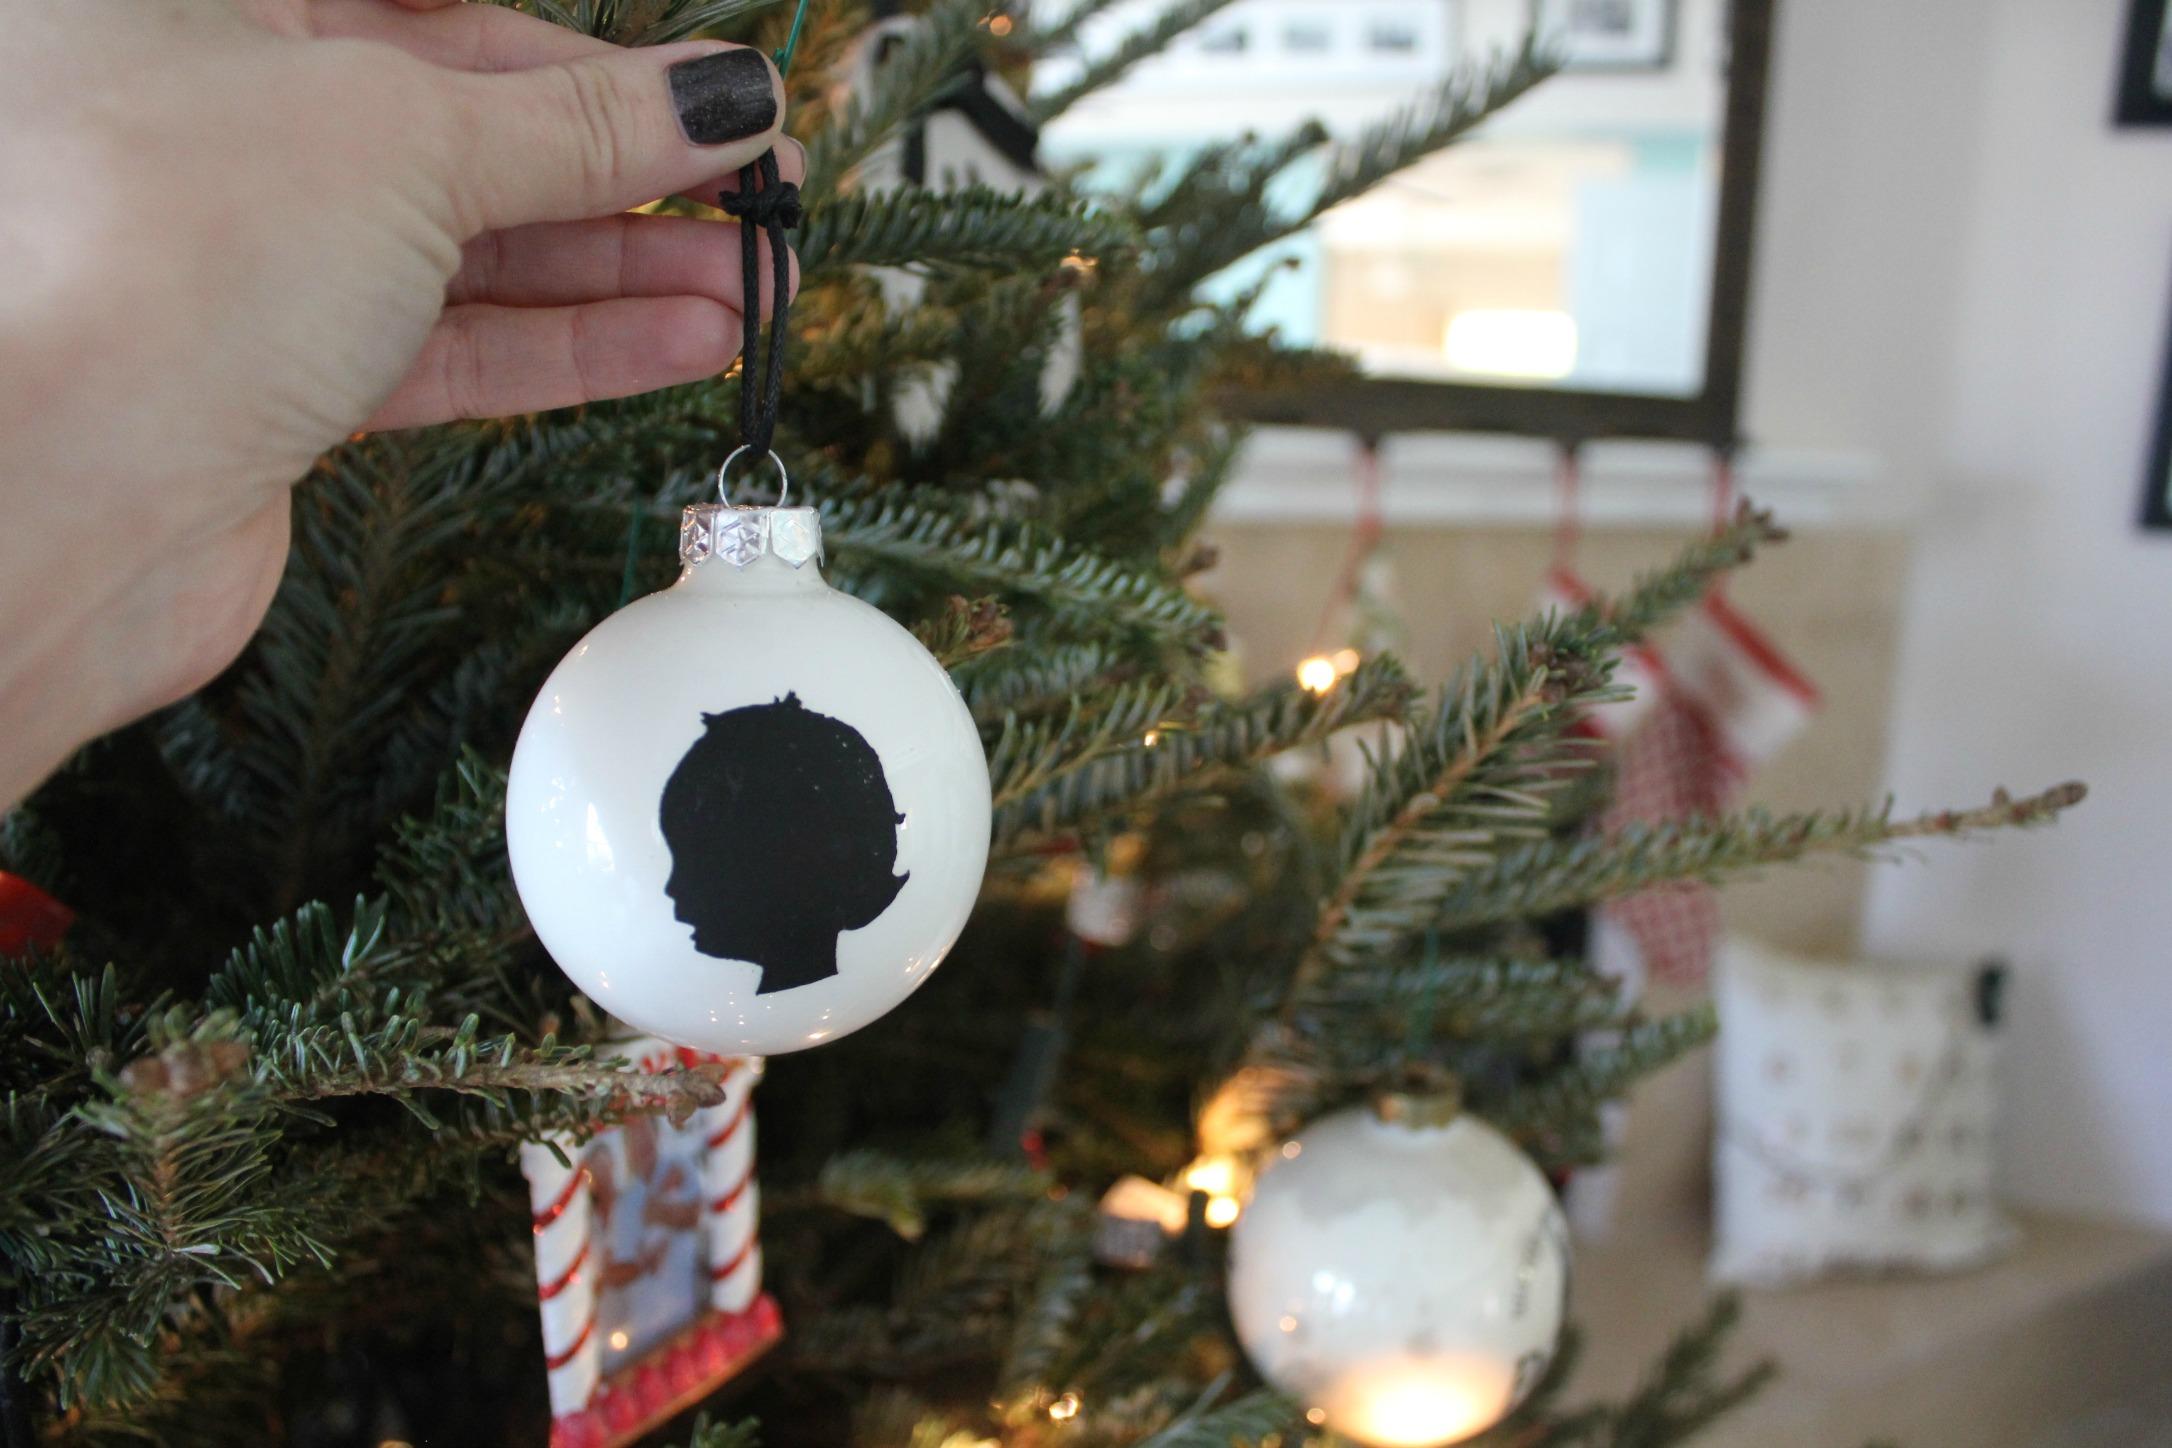 DIY Silhouette Ornament SheJustGlows.com